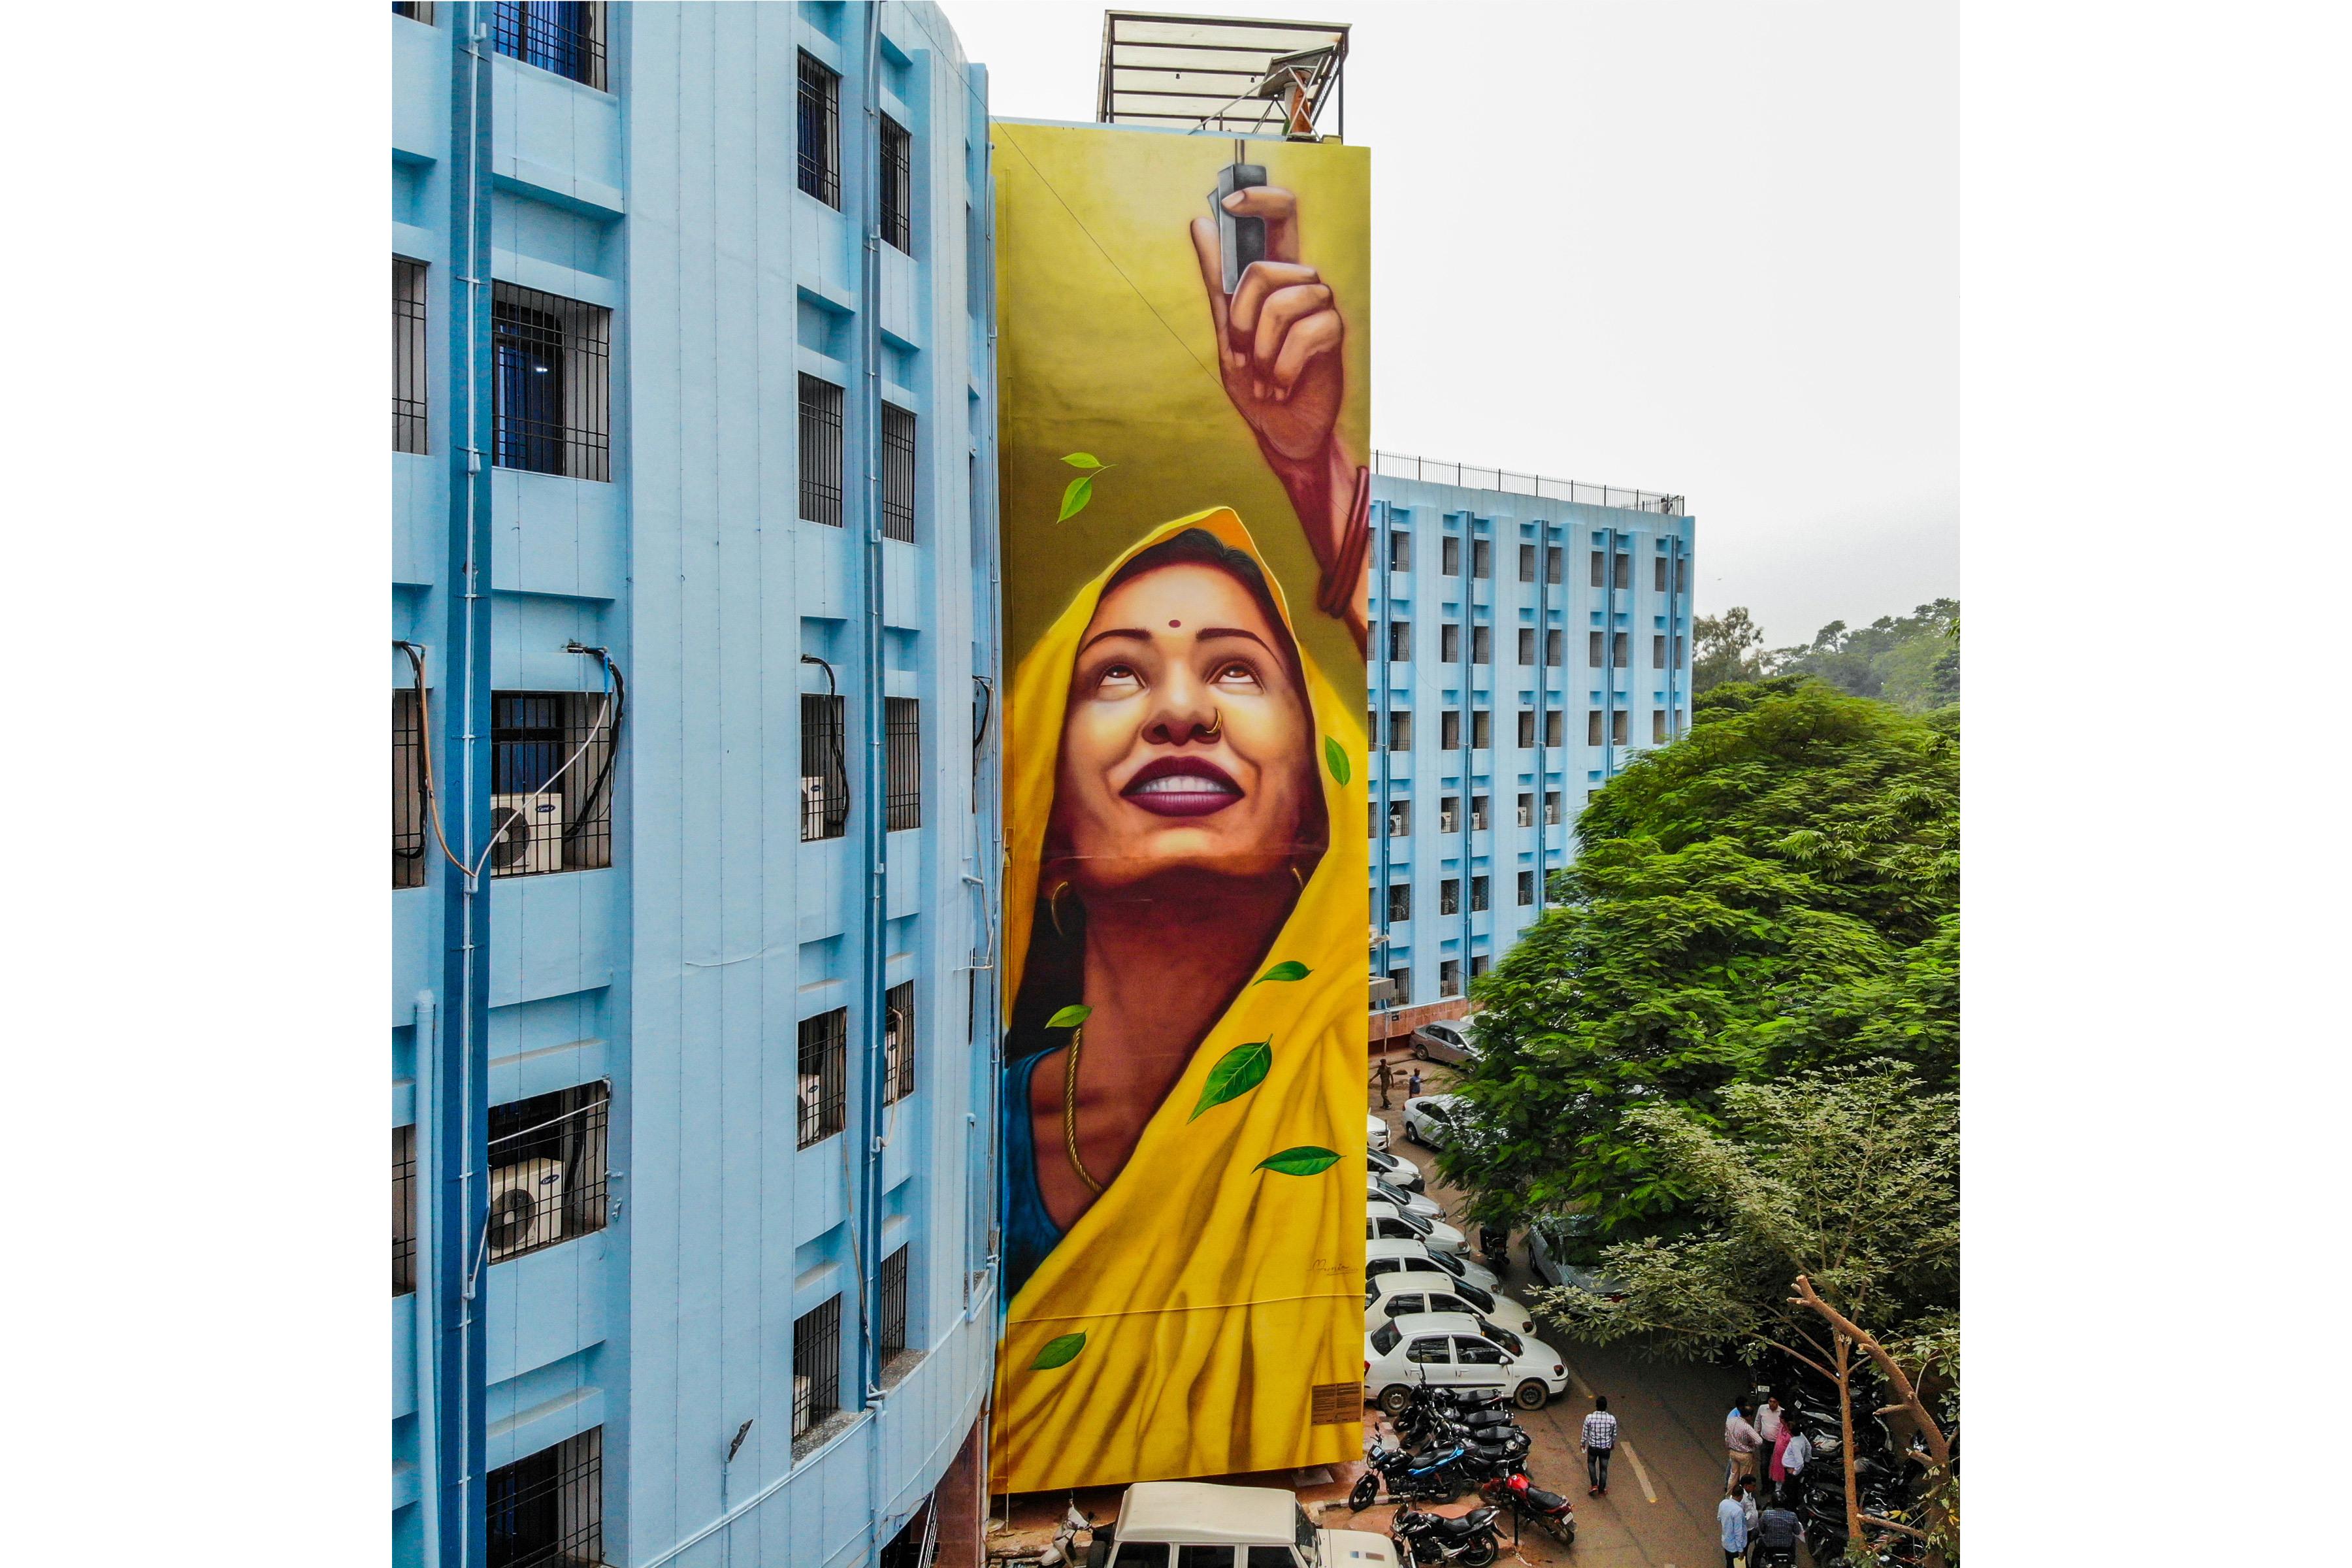 Munir Reveals Wall 4 St Art Patna 2019 Pranav Jay 1